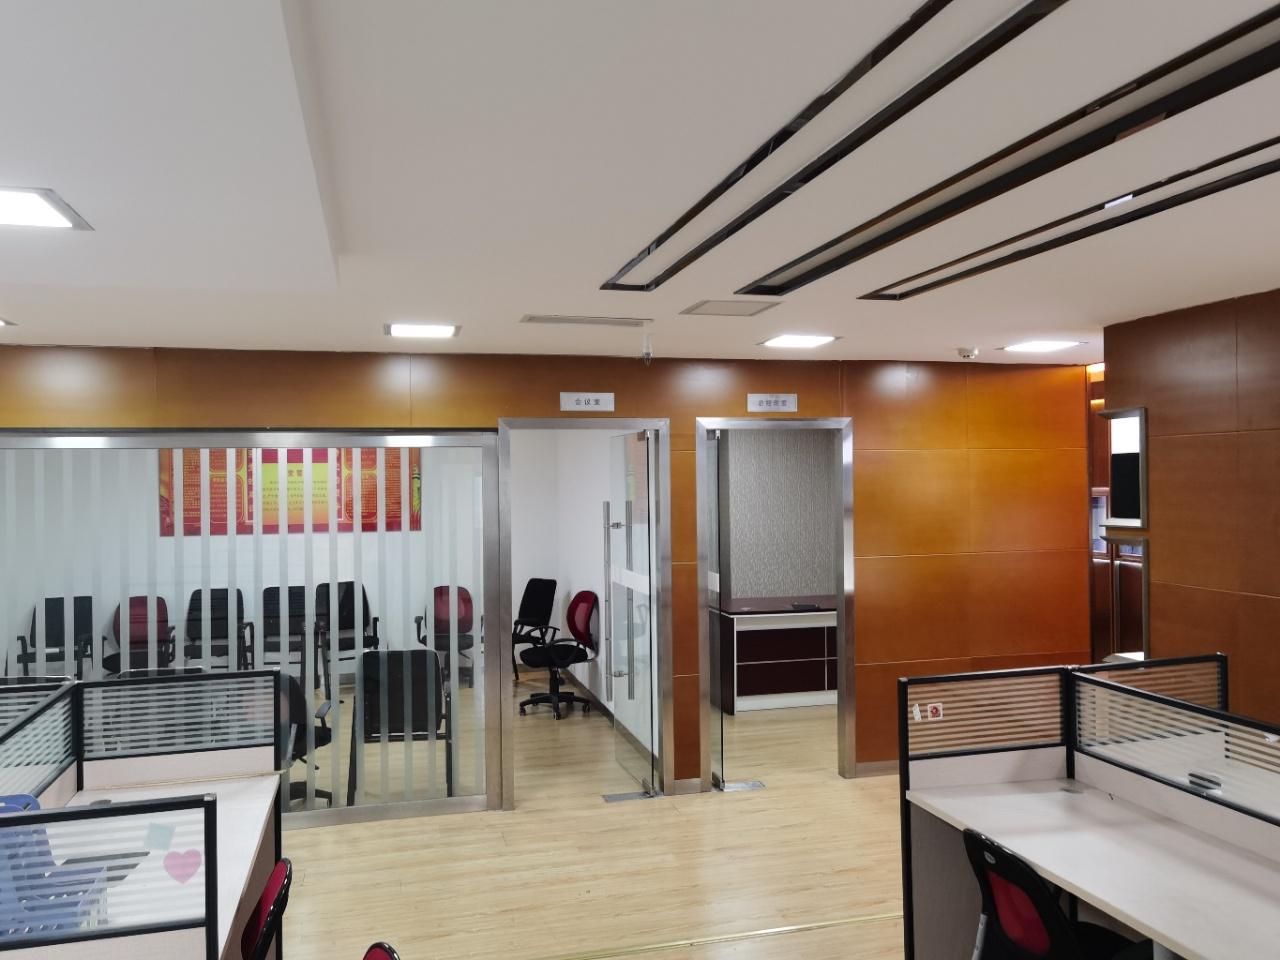 同瑞国际写字楼 办公室特价房!10月优质新房 3办公室12大工位 采光通透市中心